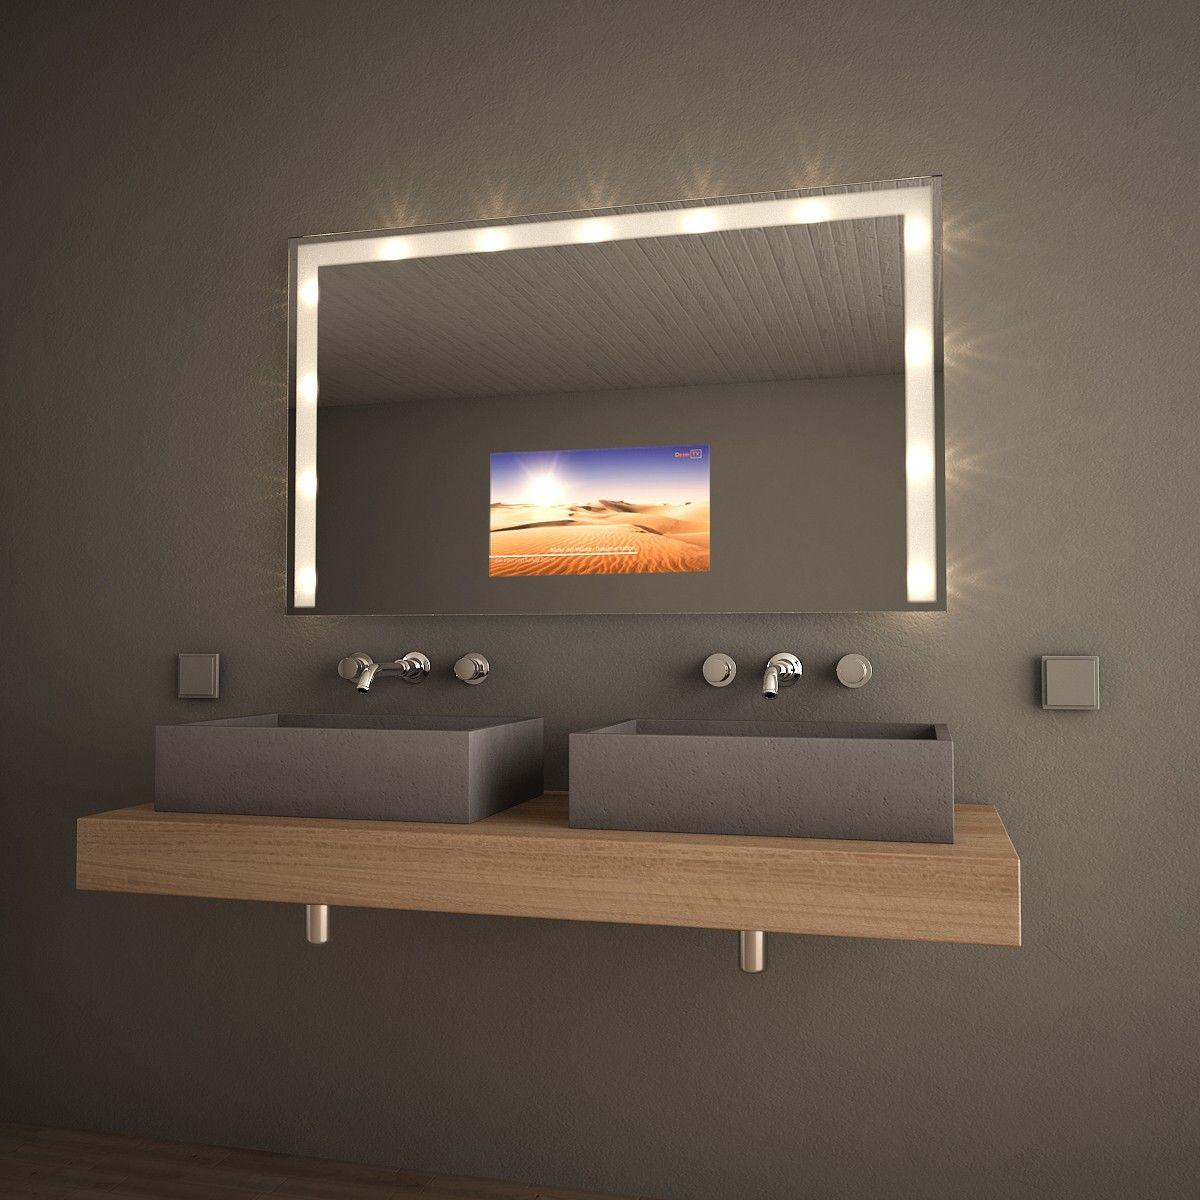 Spiegel Mit Fernseher Lilamoon 300871031 Schone Schlafzimmer